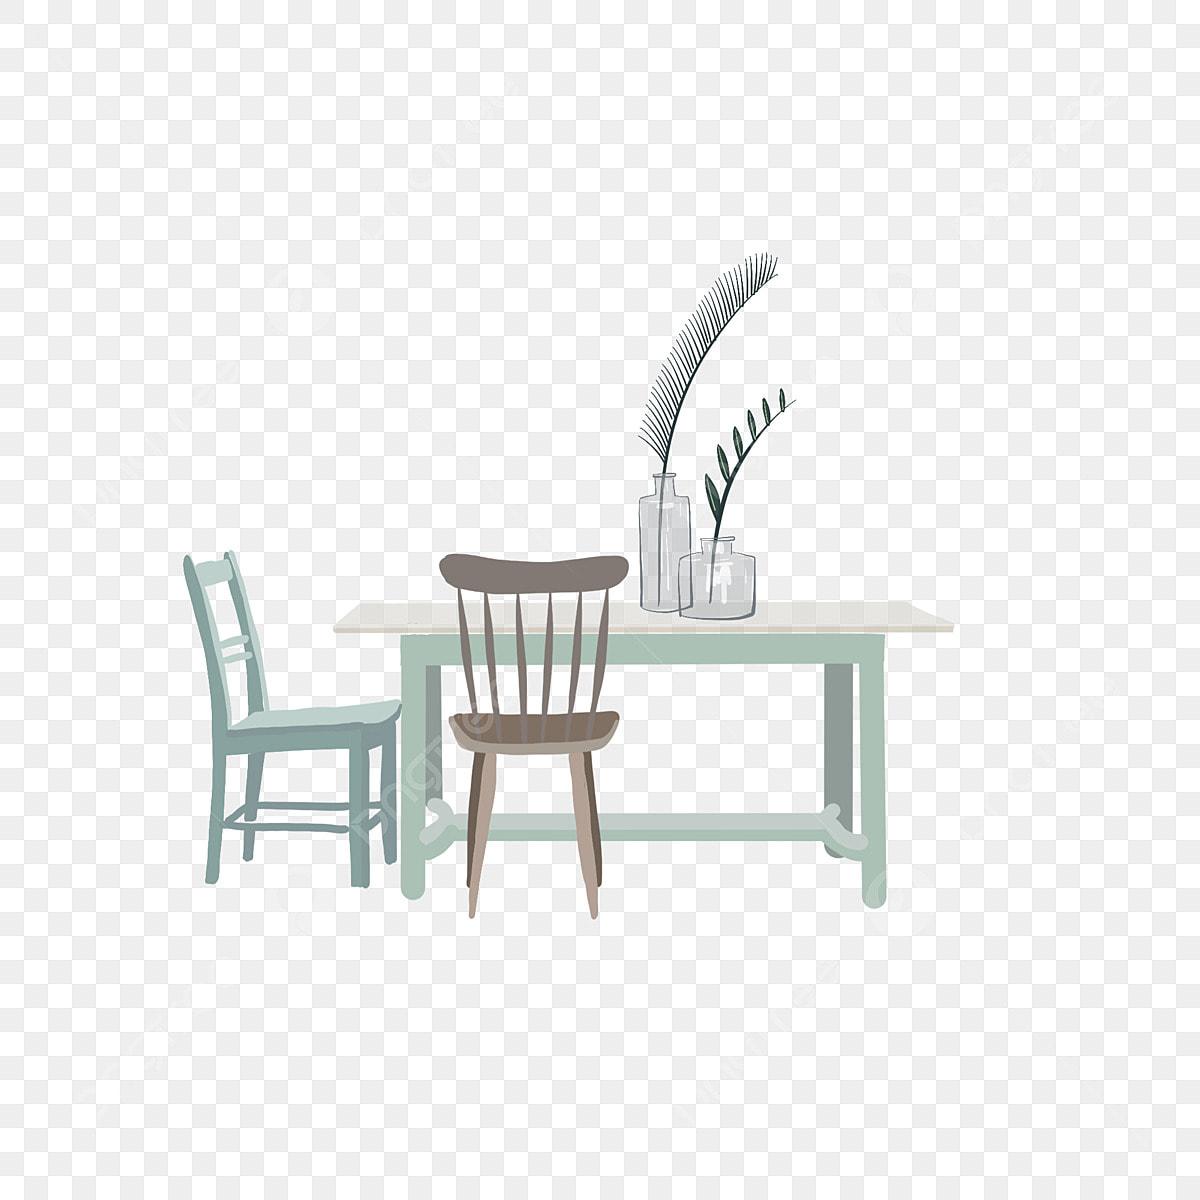 Combinazione Di Tavolini E Sedie Letterarie Dipinti A Mano Disegnato A Mano La Letteratura E Larte Tavolo E Sedia Immagine Png E Clipart Per Il Download Gratuito